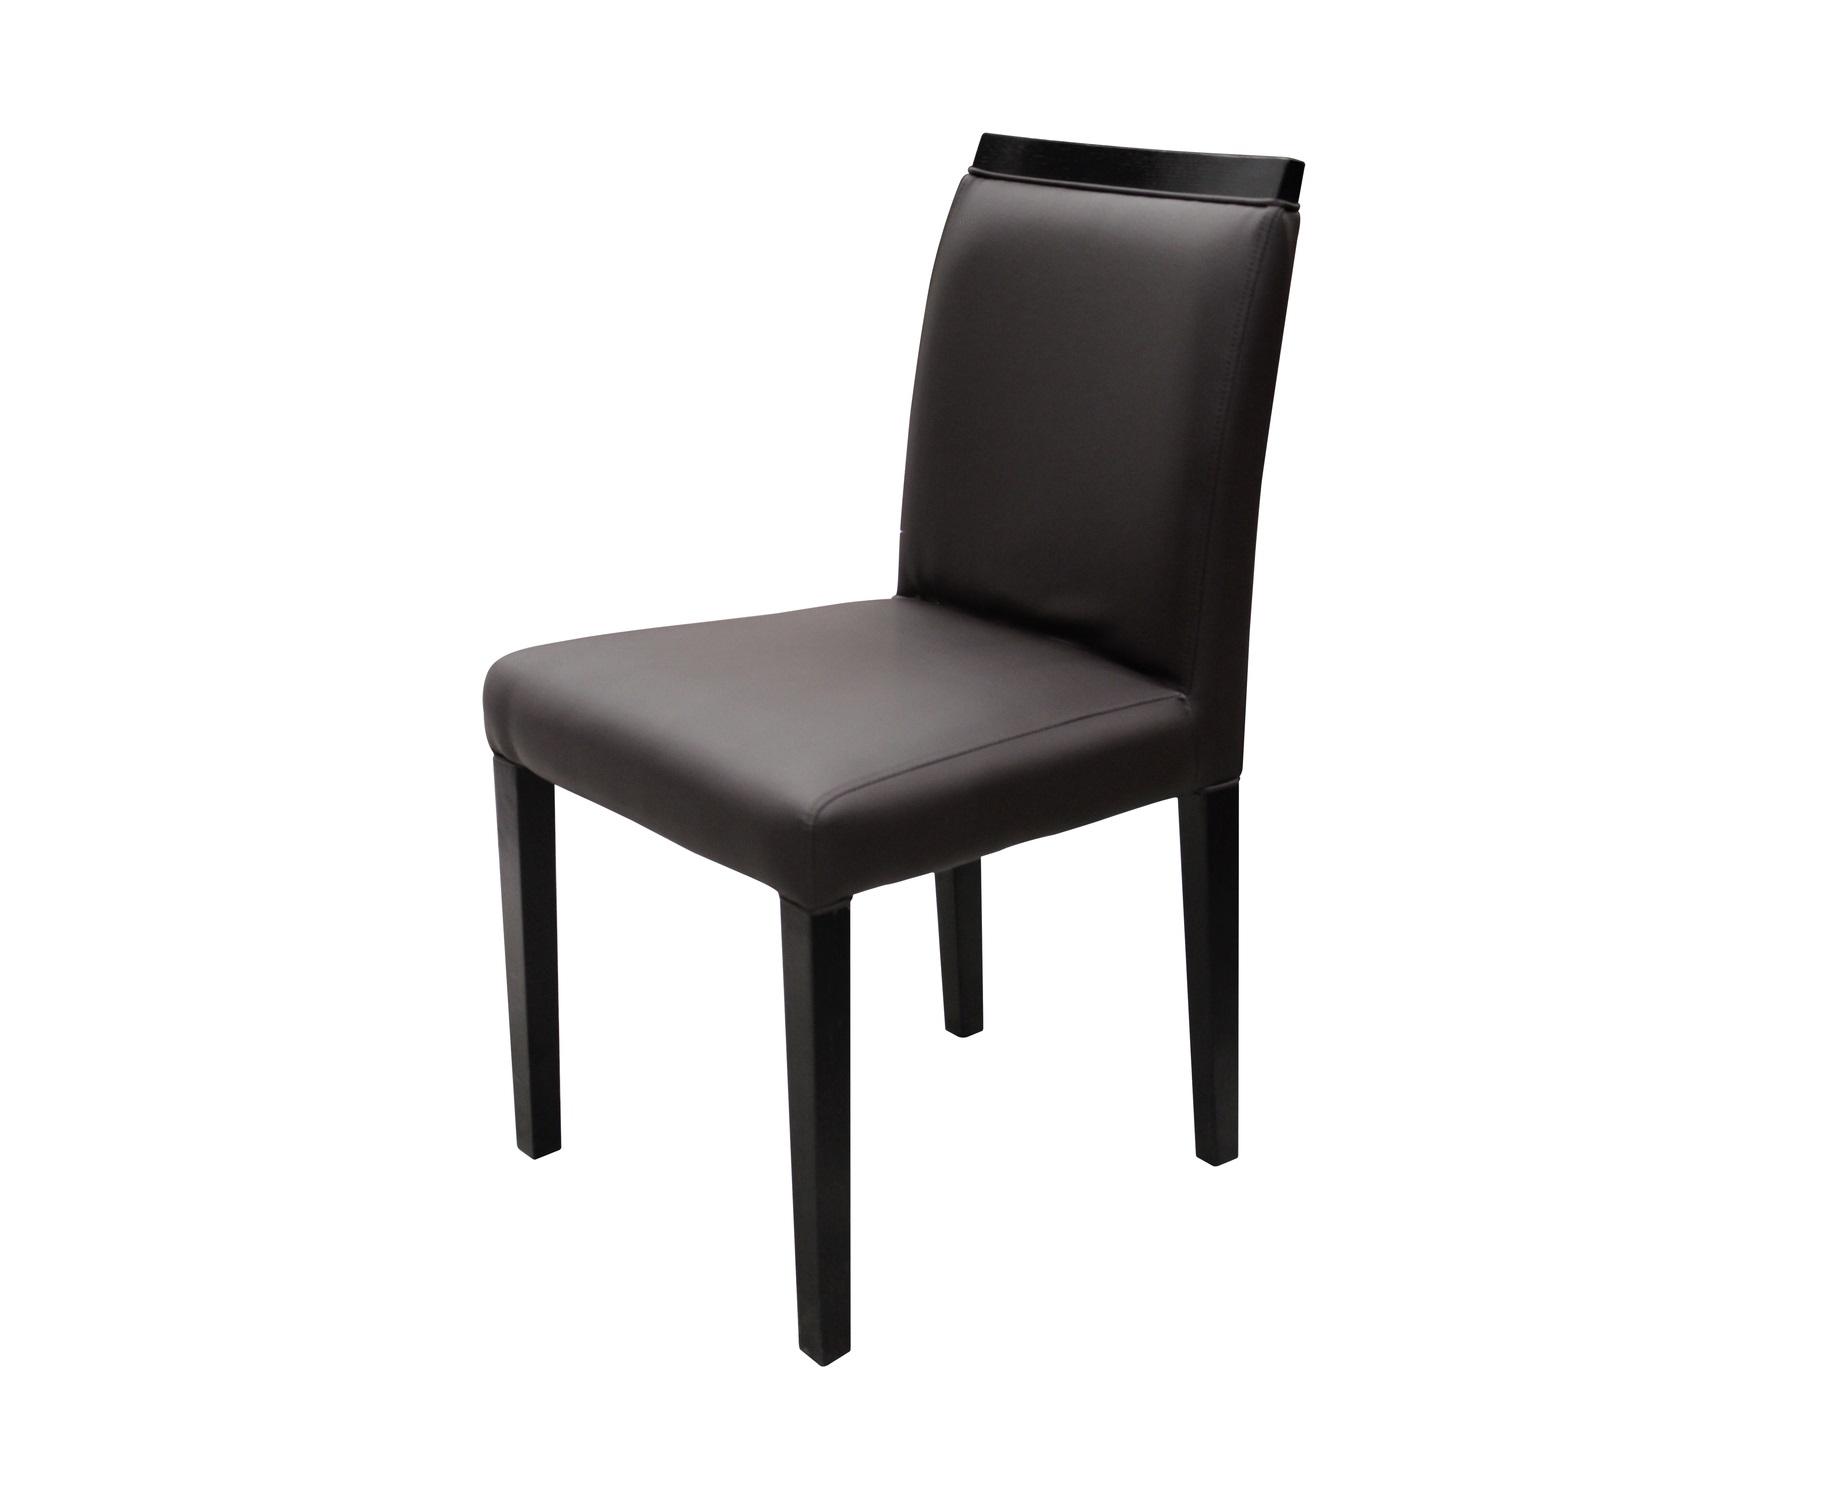 СтулОбеденные стулья<br>Objects — это cерия оригинальной мебели в стиле «модерн». Обеденный стул изготовлен из массива дуба, тонирован под венге, обтянут современным материалом. Стильно смотрится, очень удобен в использовании, массивен, выдерживает приличную нагрузку, легко чистится, износостоек. Легкий, не требует дополнительных усилий для передвижения.<br><br>Material: Дуб<br>Ширина см: 56.0<br>Высота см: 86.0<br>Глубина см: 46